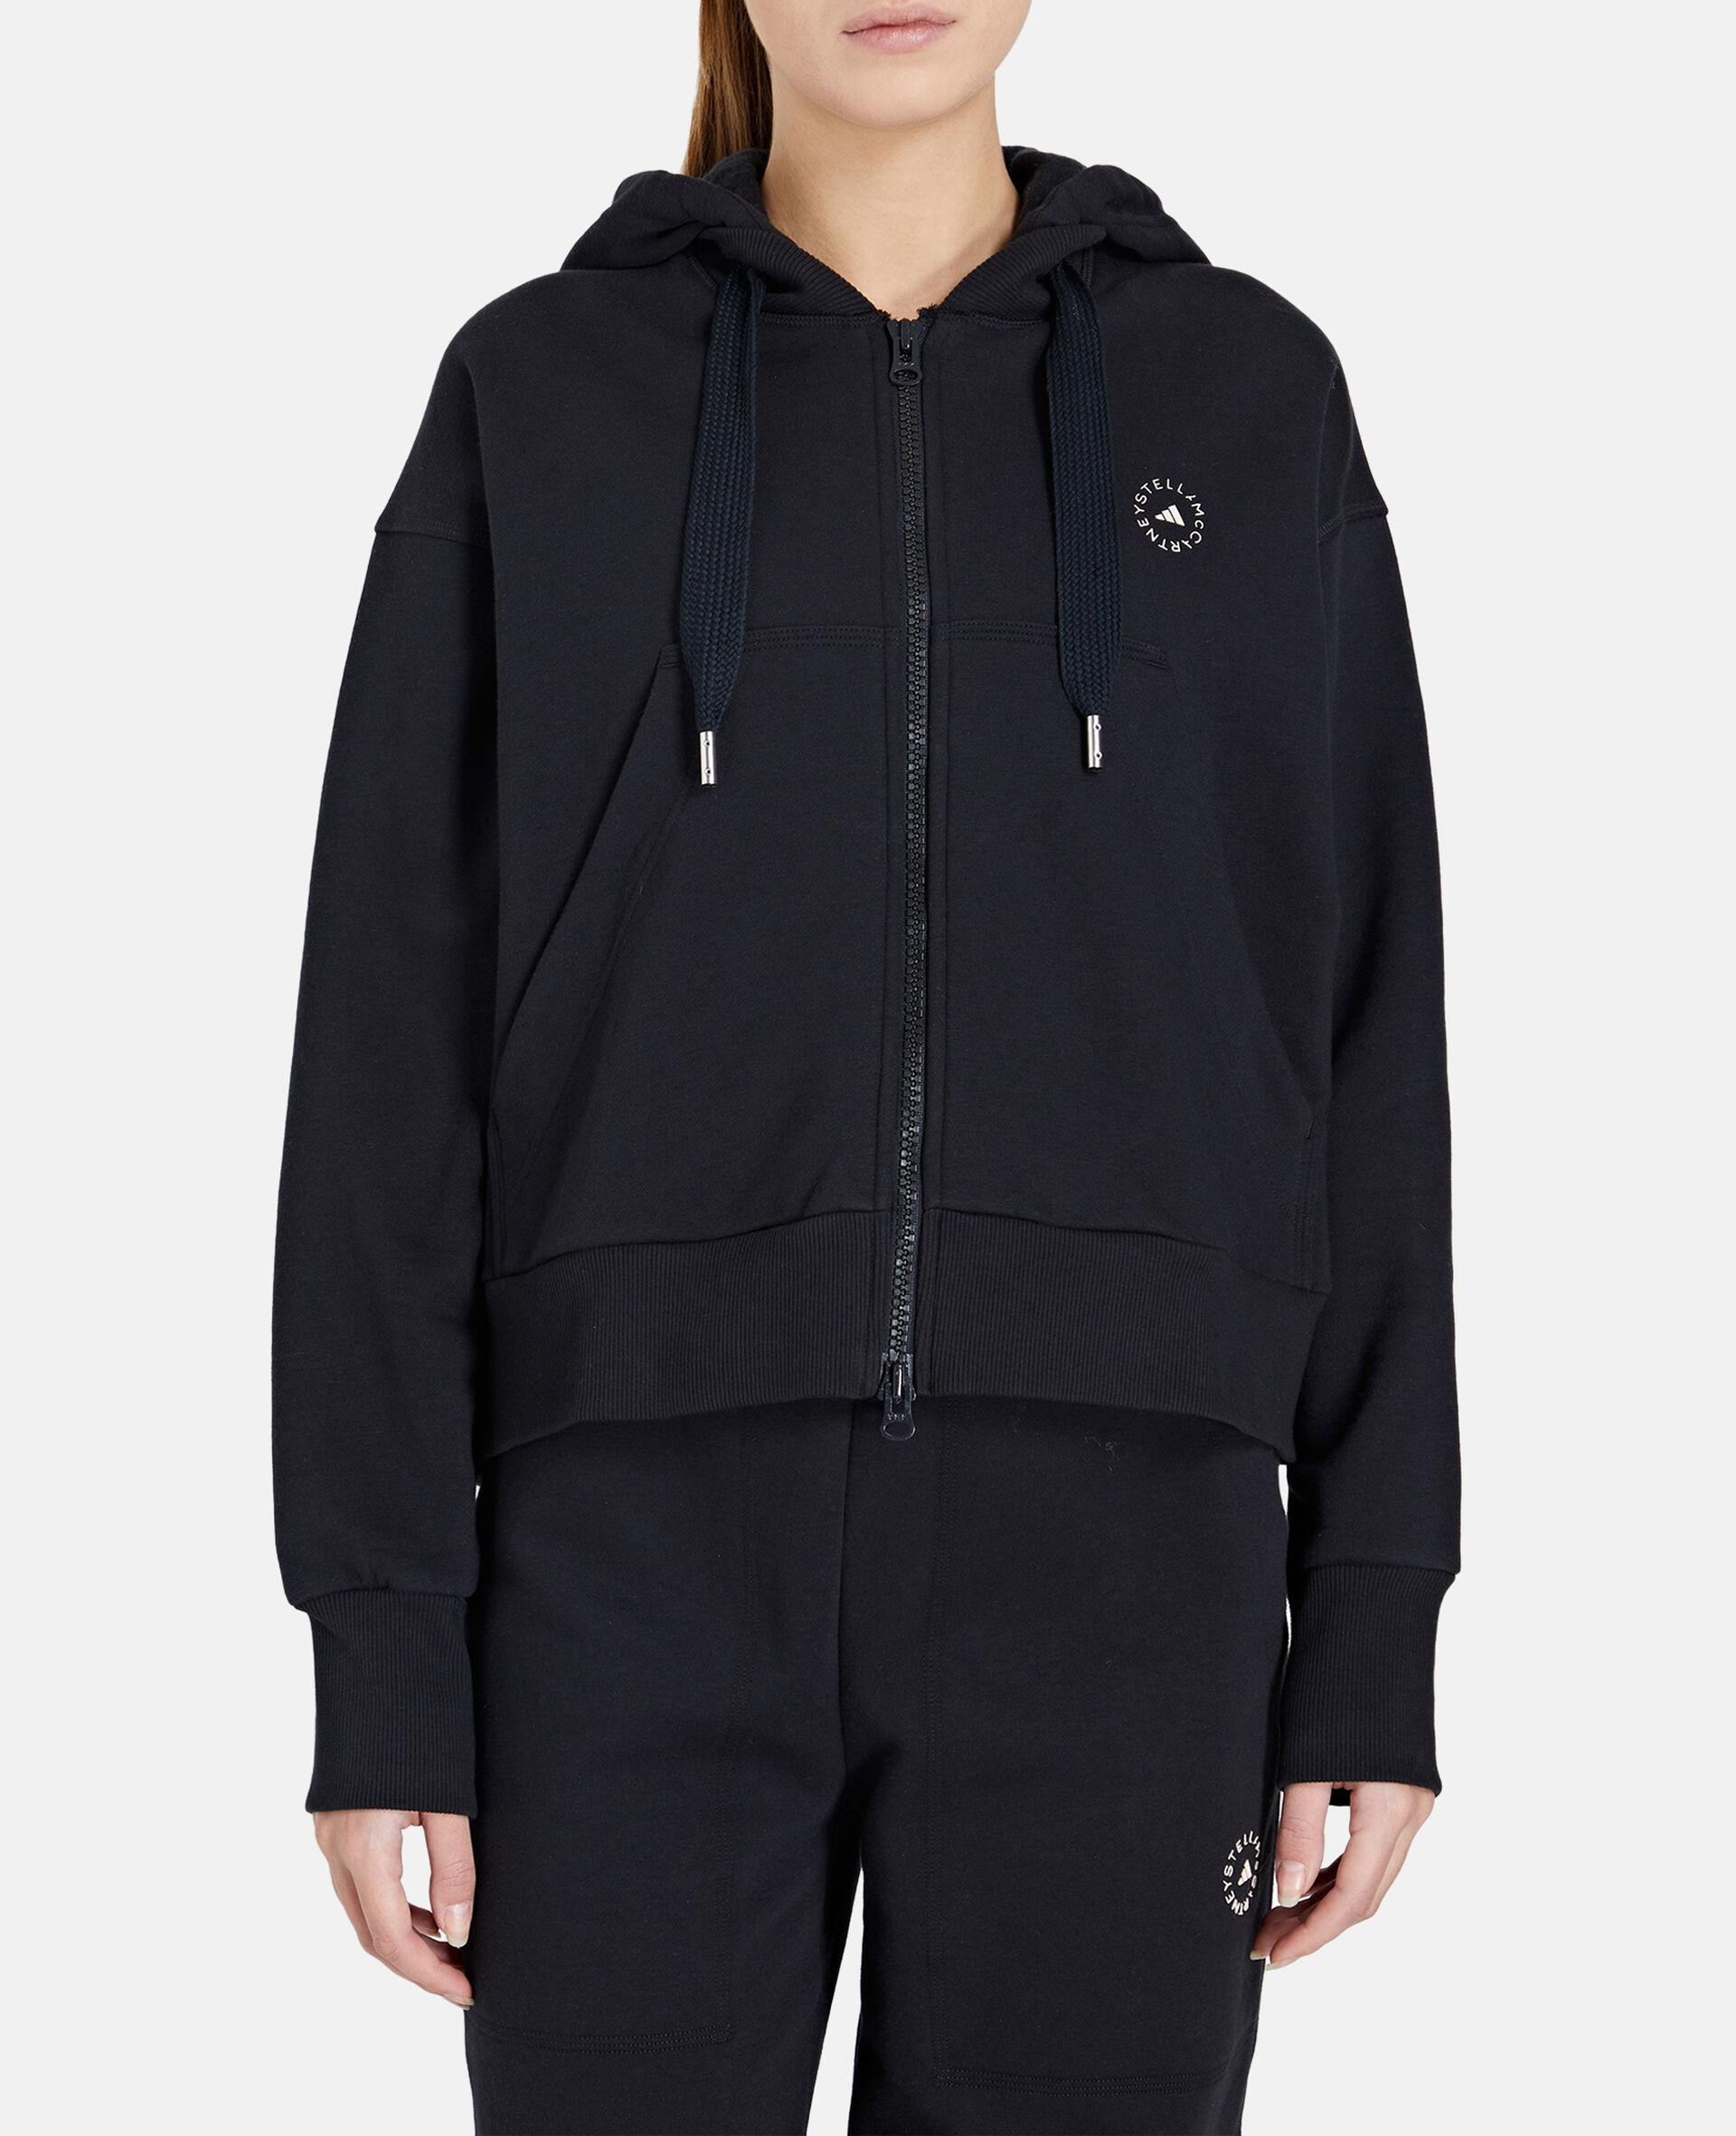 Black Full-zipper Cropped Hoodie-Black-large image number 4